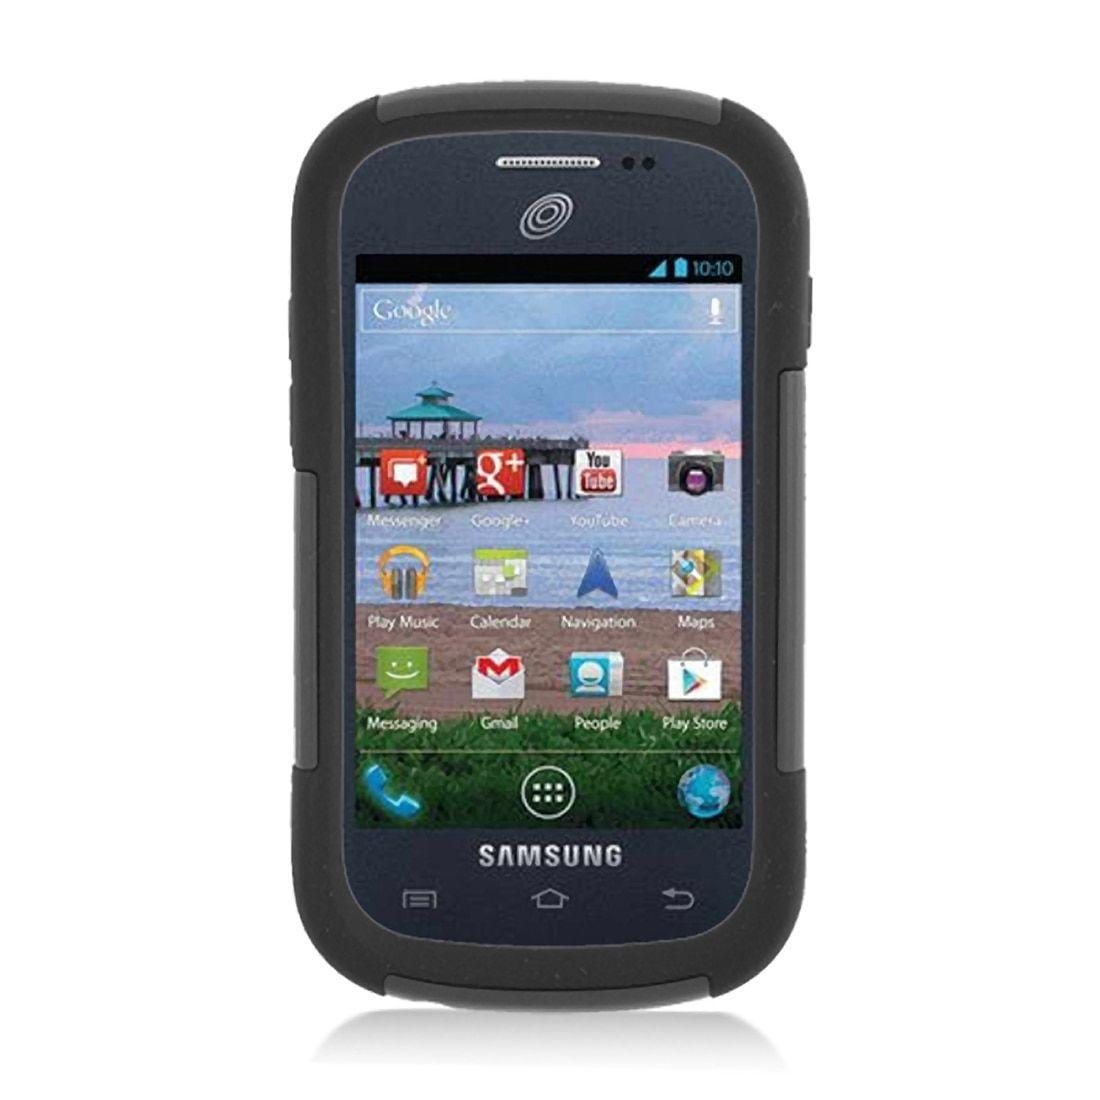 Samsung S738c Hybrid Stand Case Prepaid Phones Samsung Galaxy